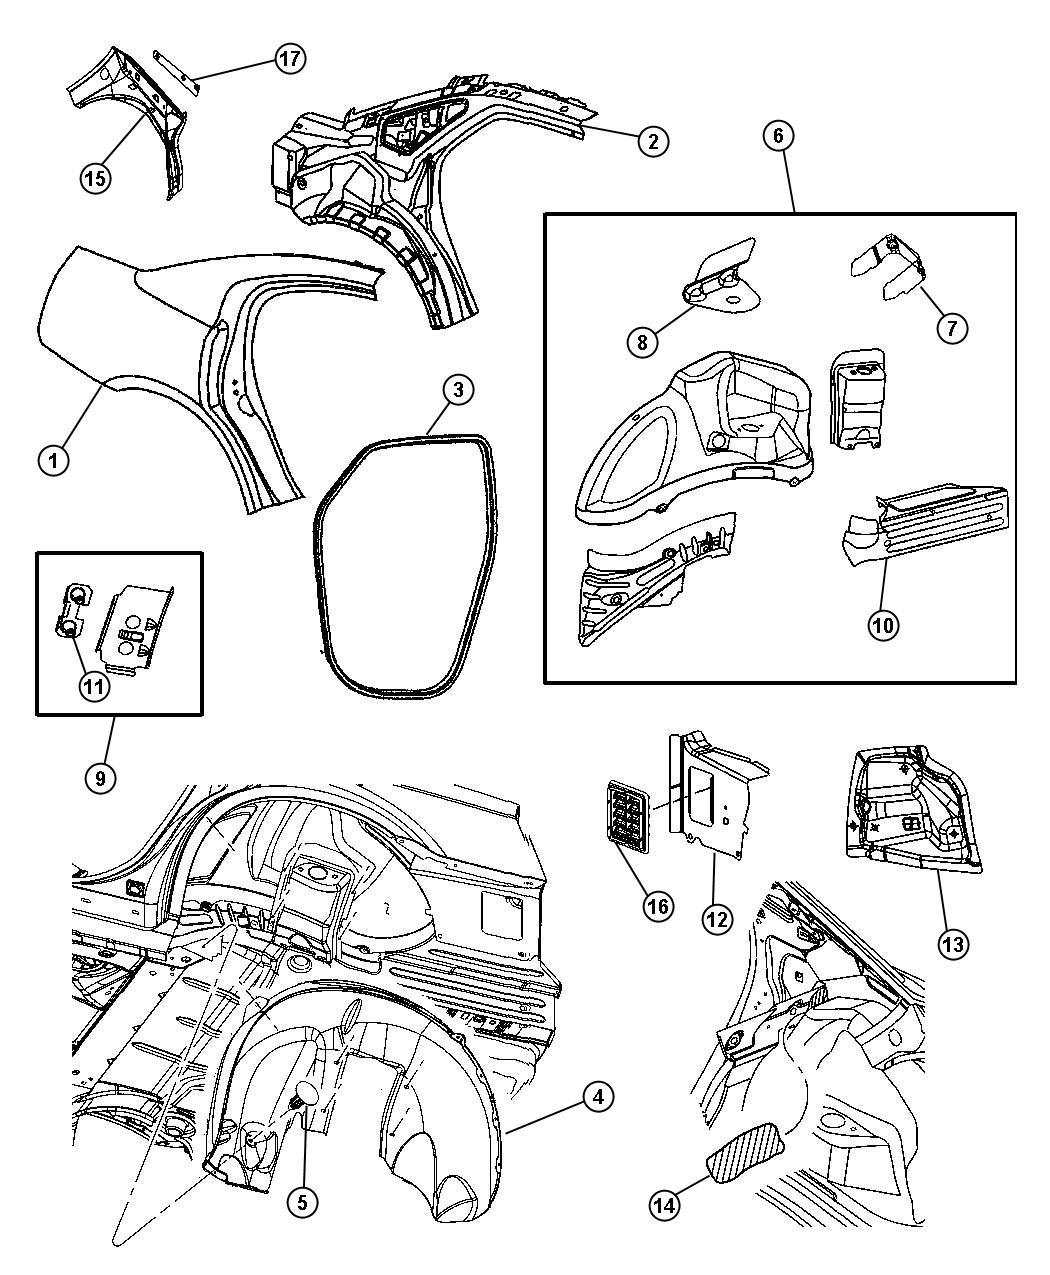 2006 Dodge Charger R/T 5.7L Hemi V8 Panel. Body side